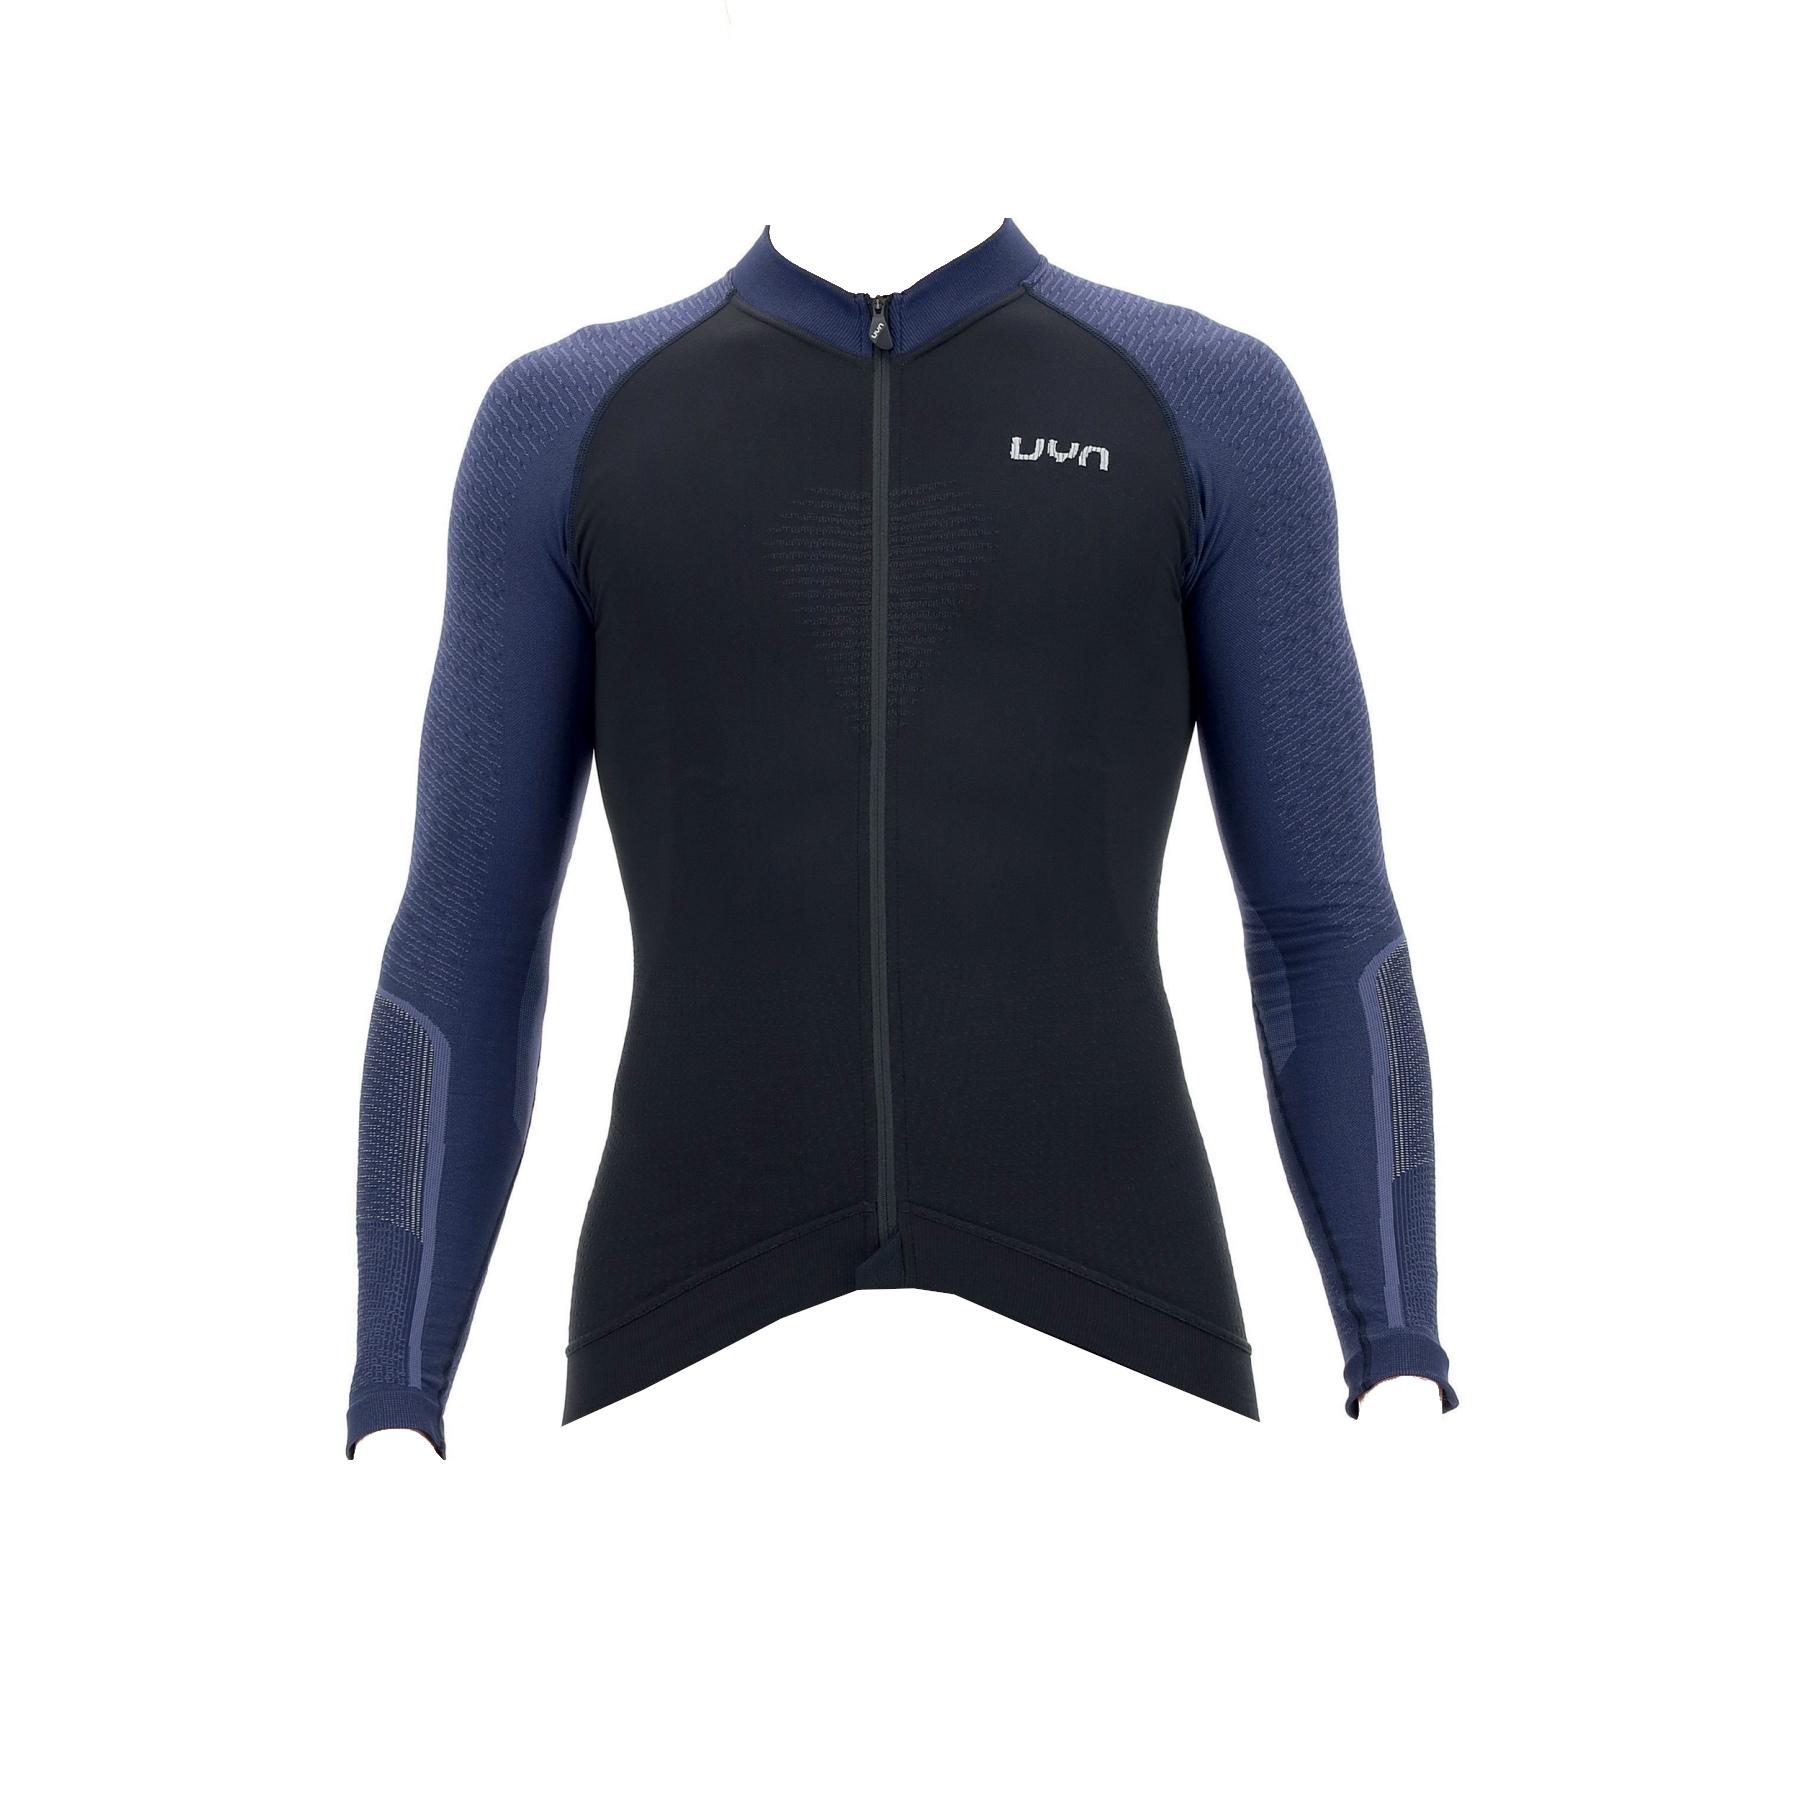 UYN Biking Granfondo Long Sleeve Jersey - Blackboard/Peacot